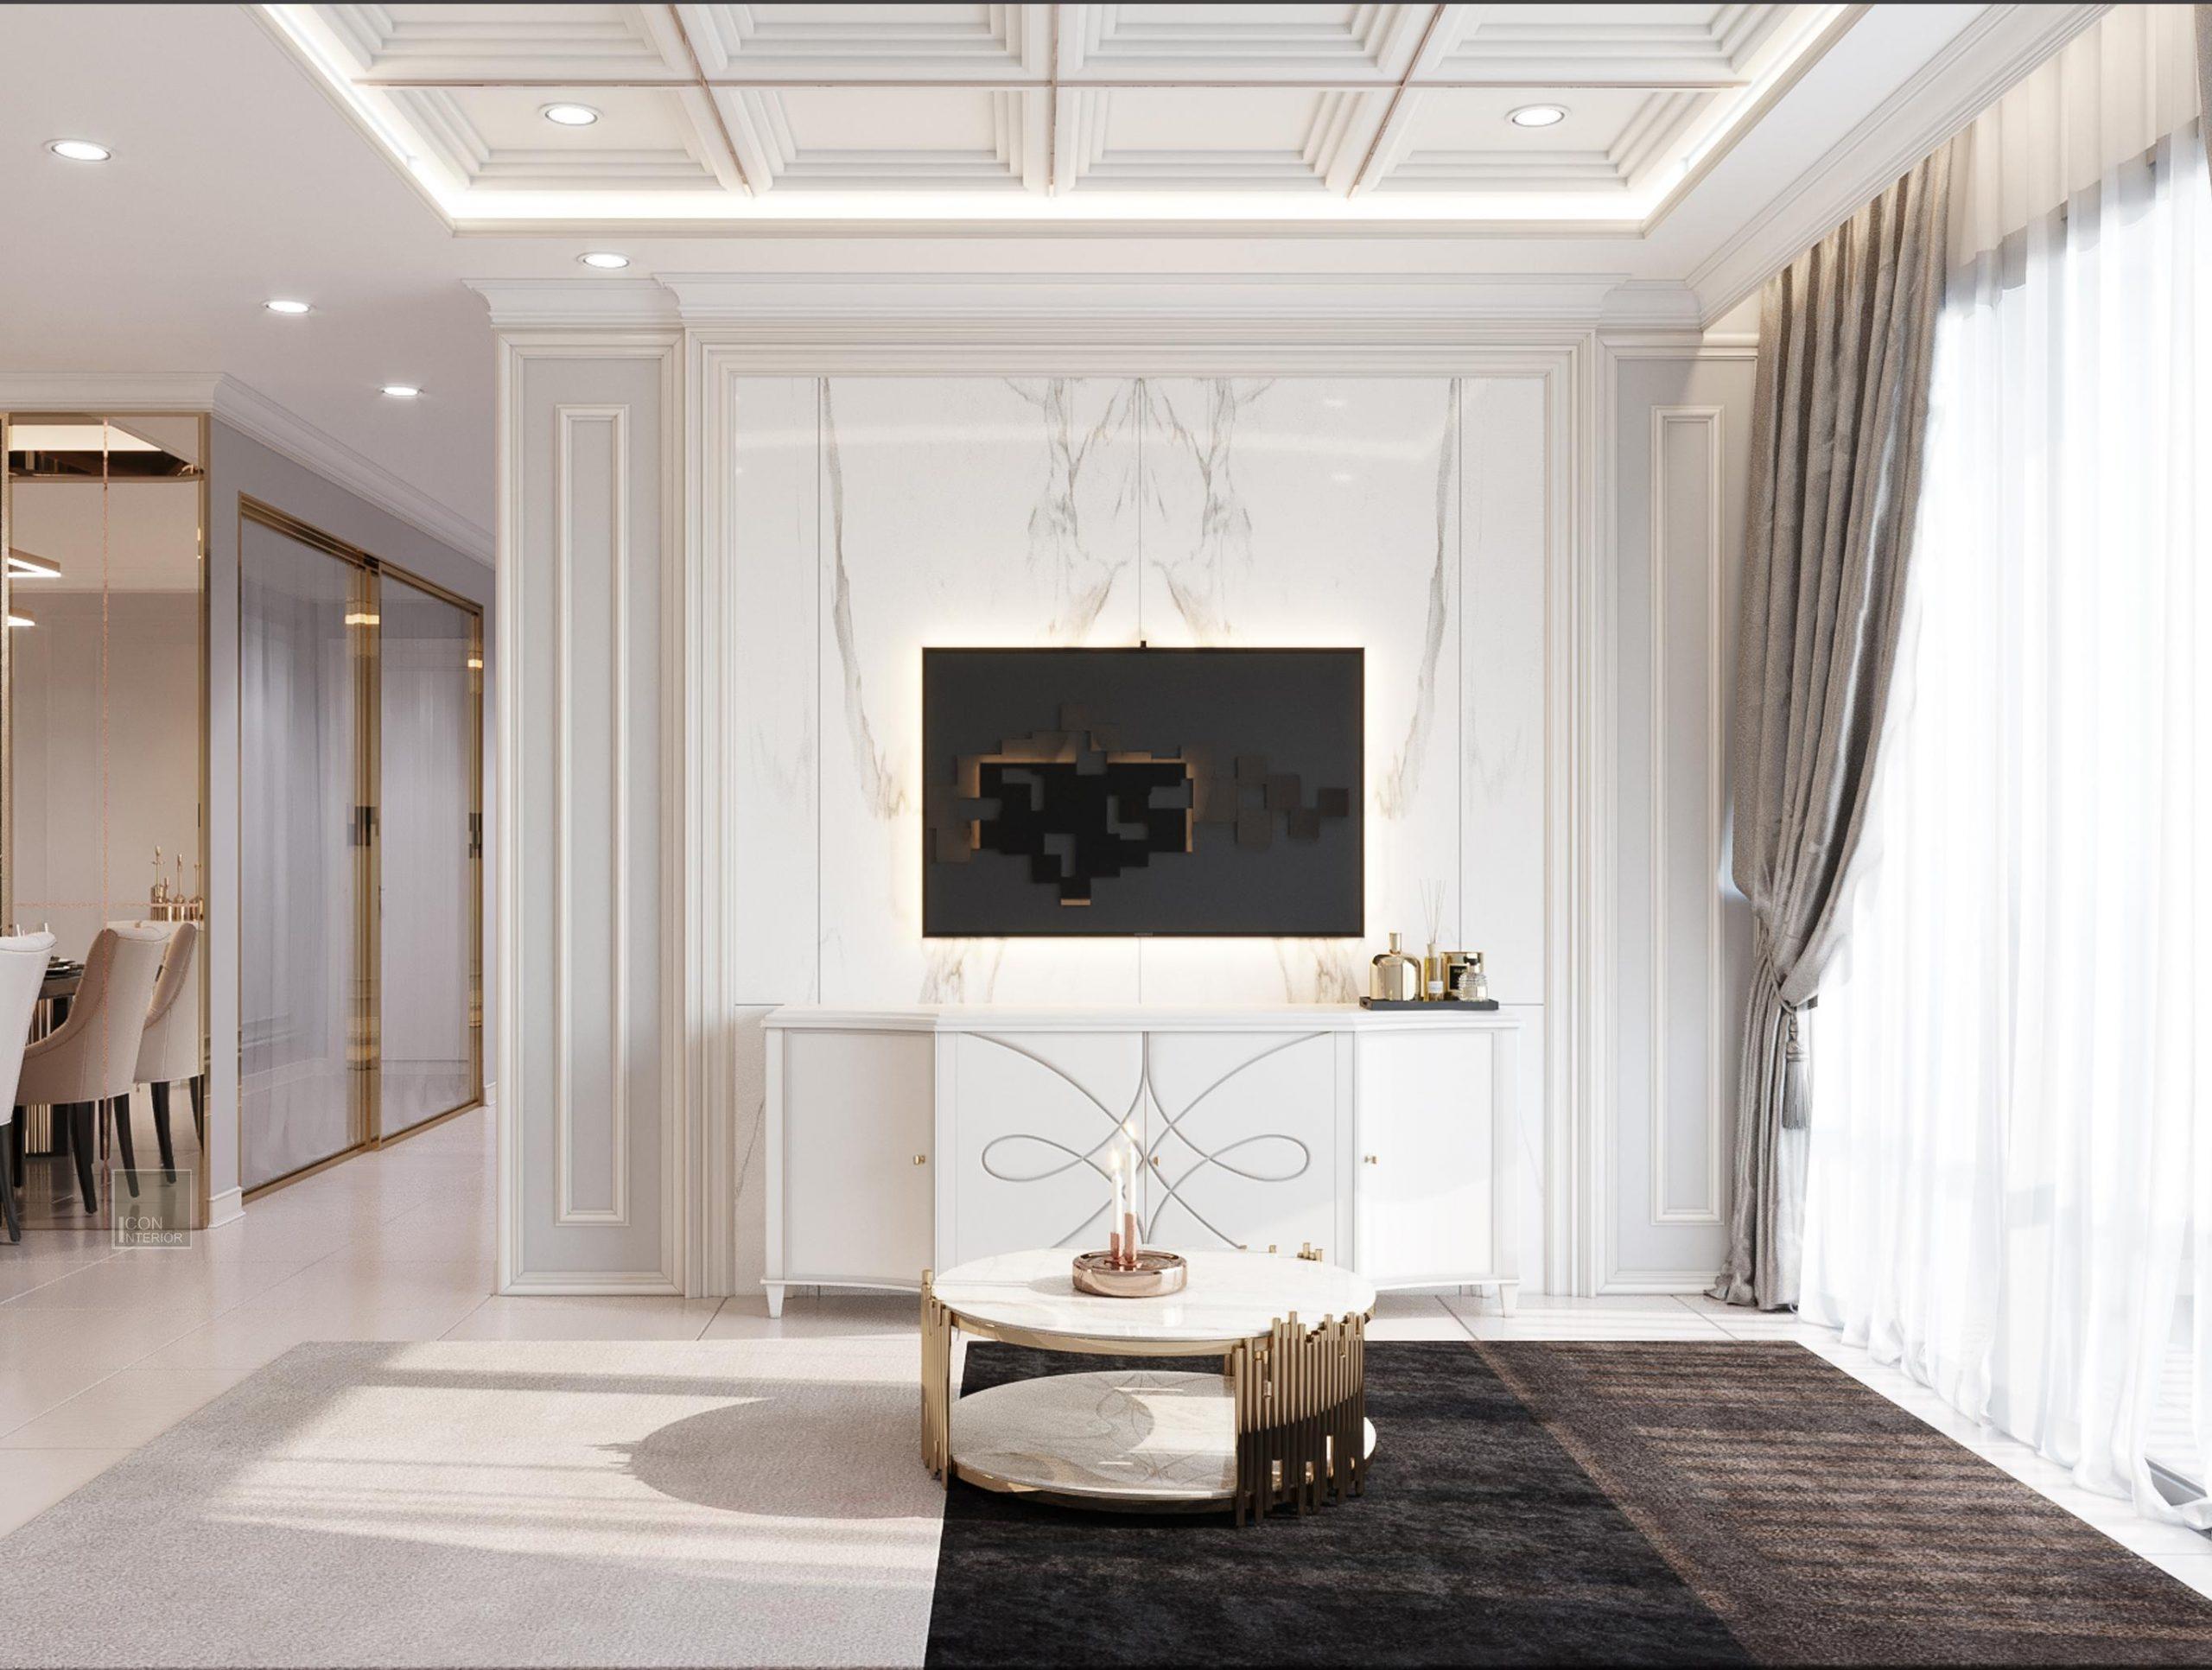 trang trí nội thất phòng khách neoclassic